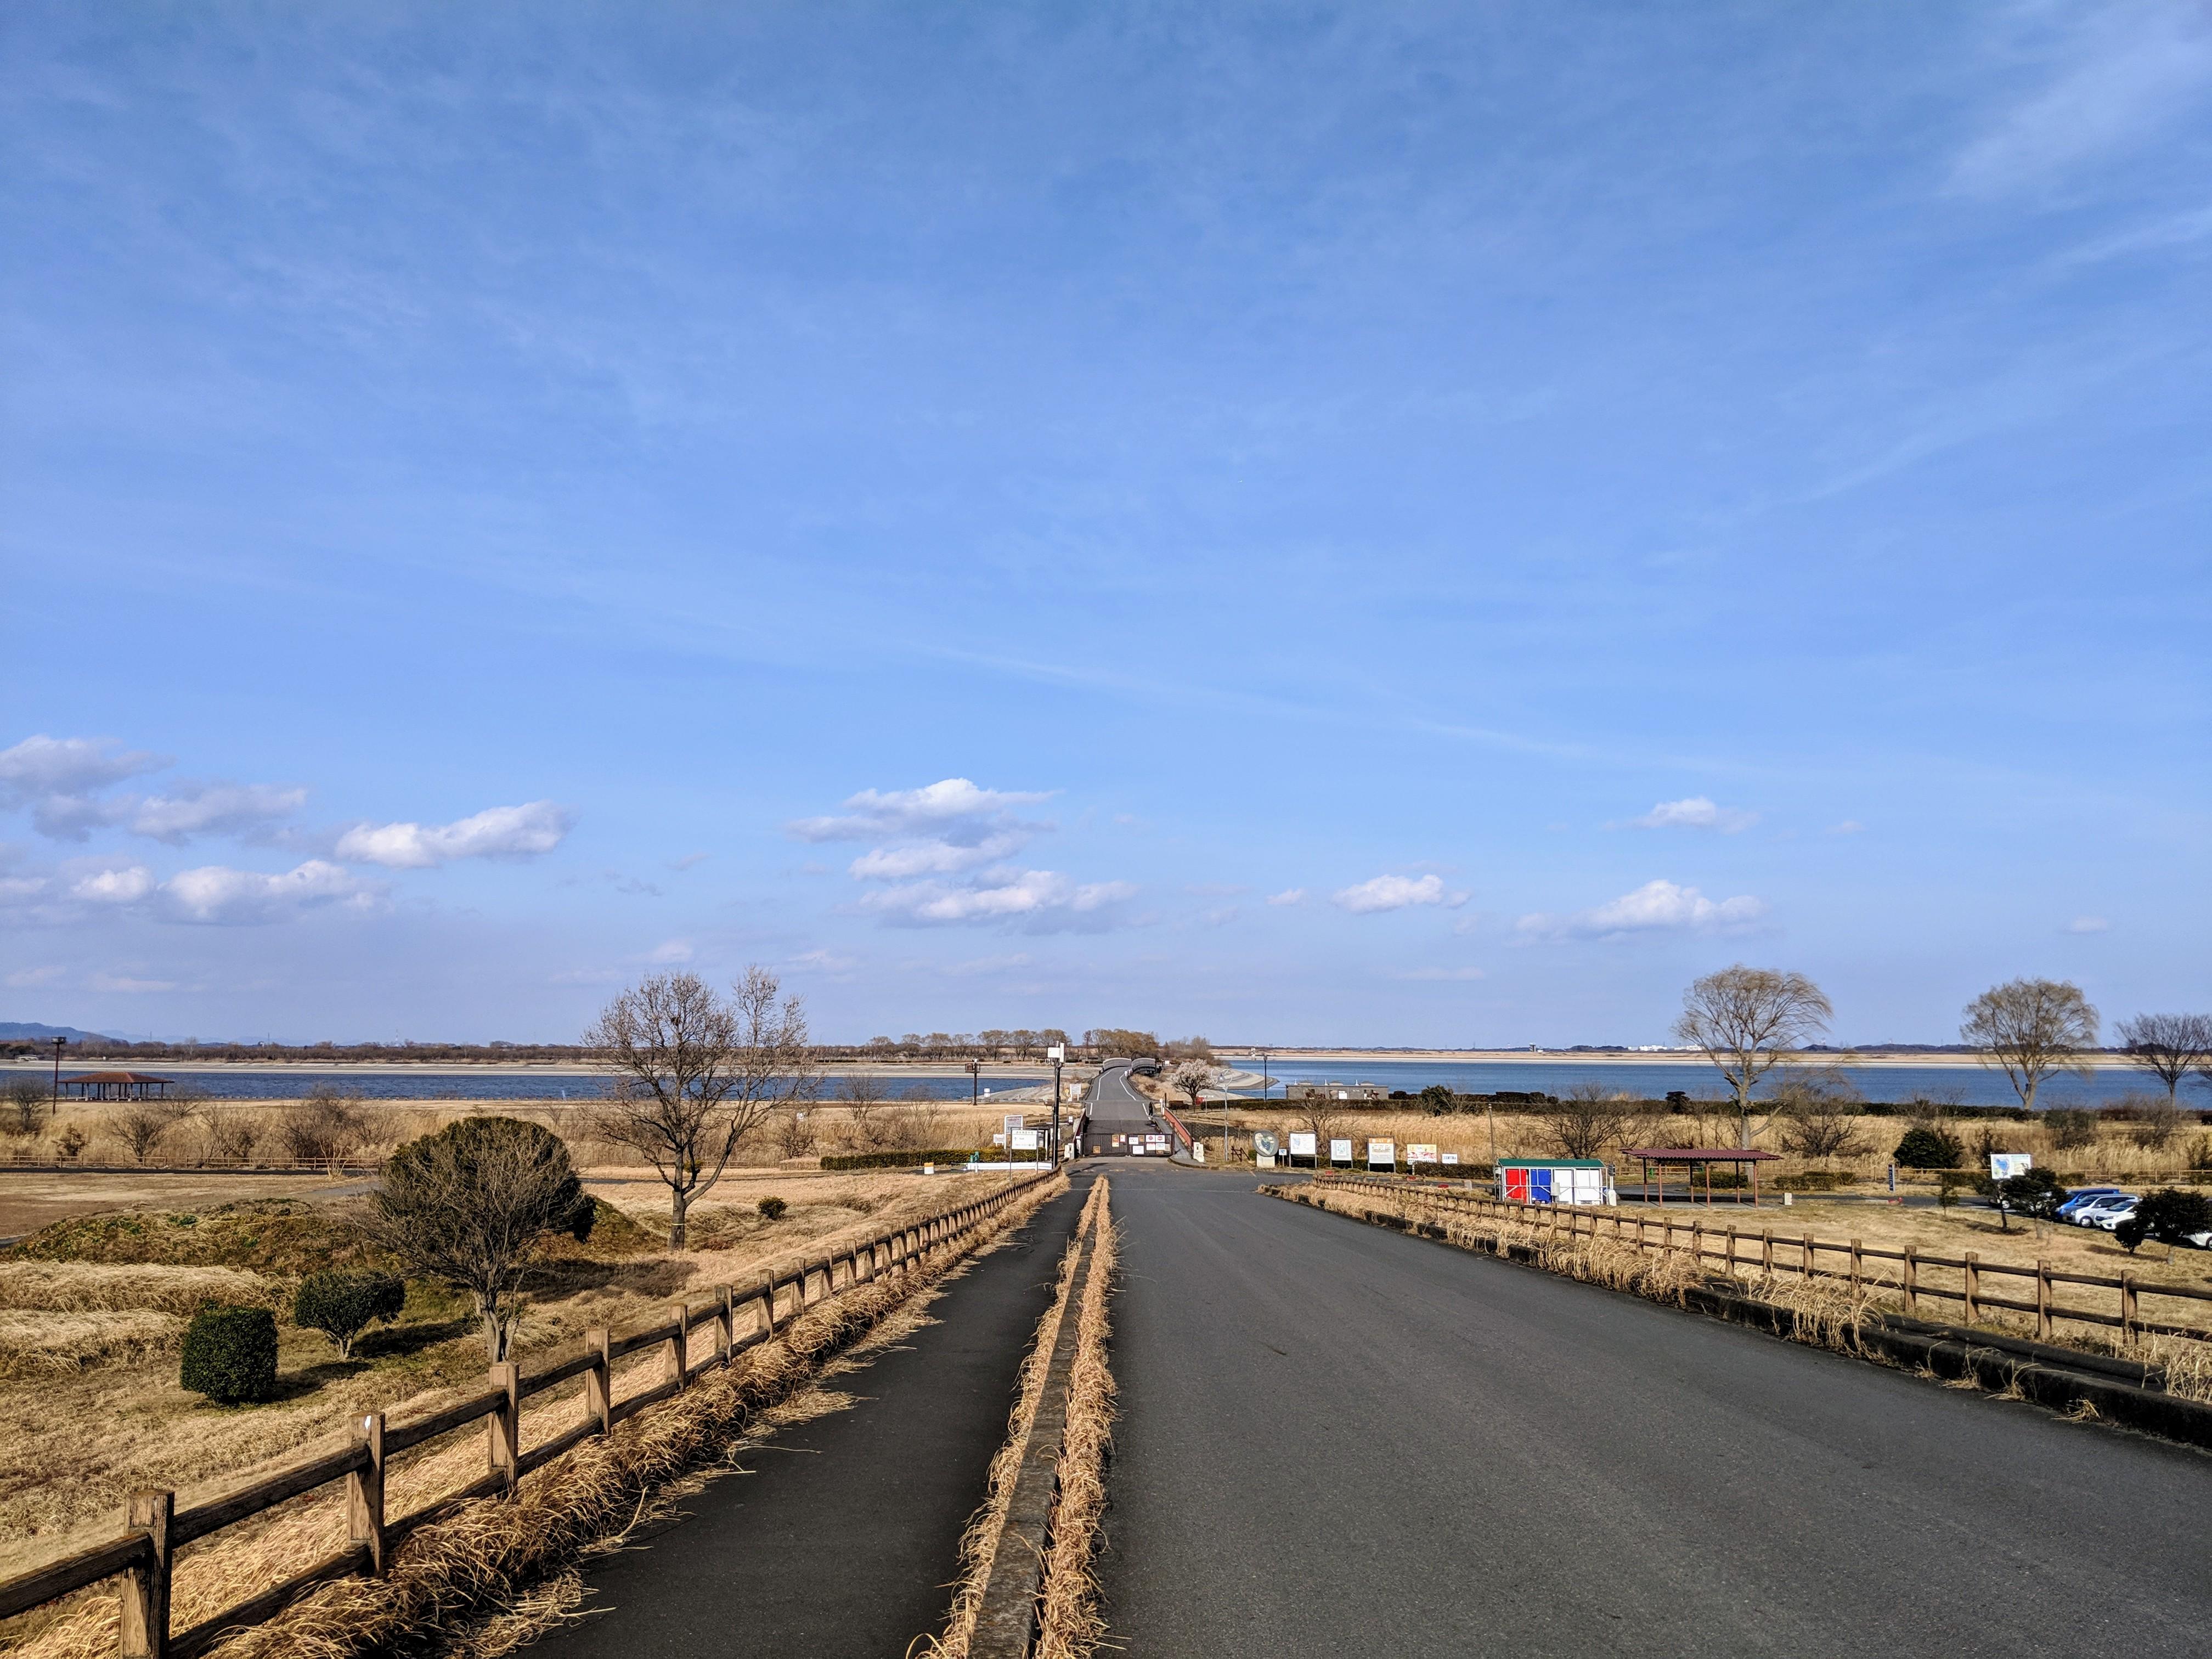 【東京~古河】暇だったので渡良瀬遊水池まで旅をしてみた【自転車】